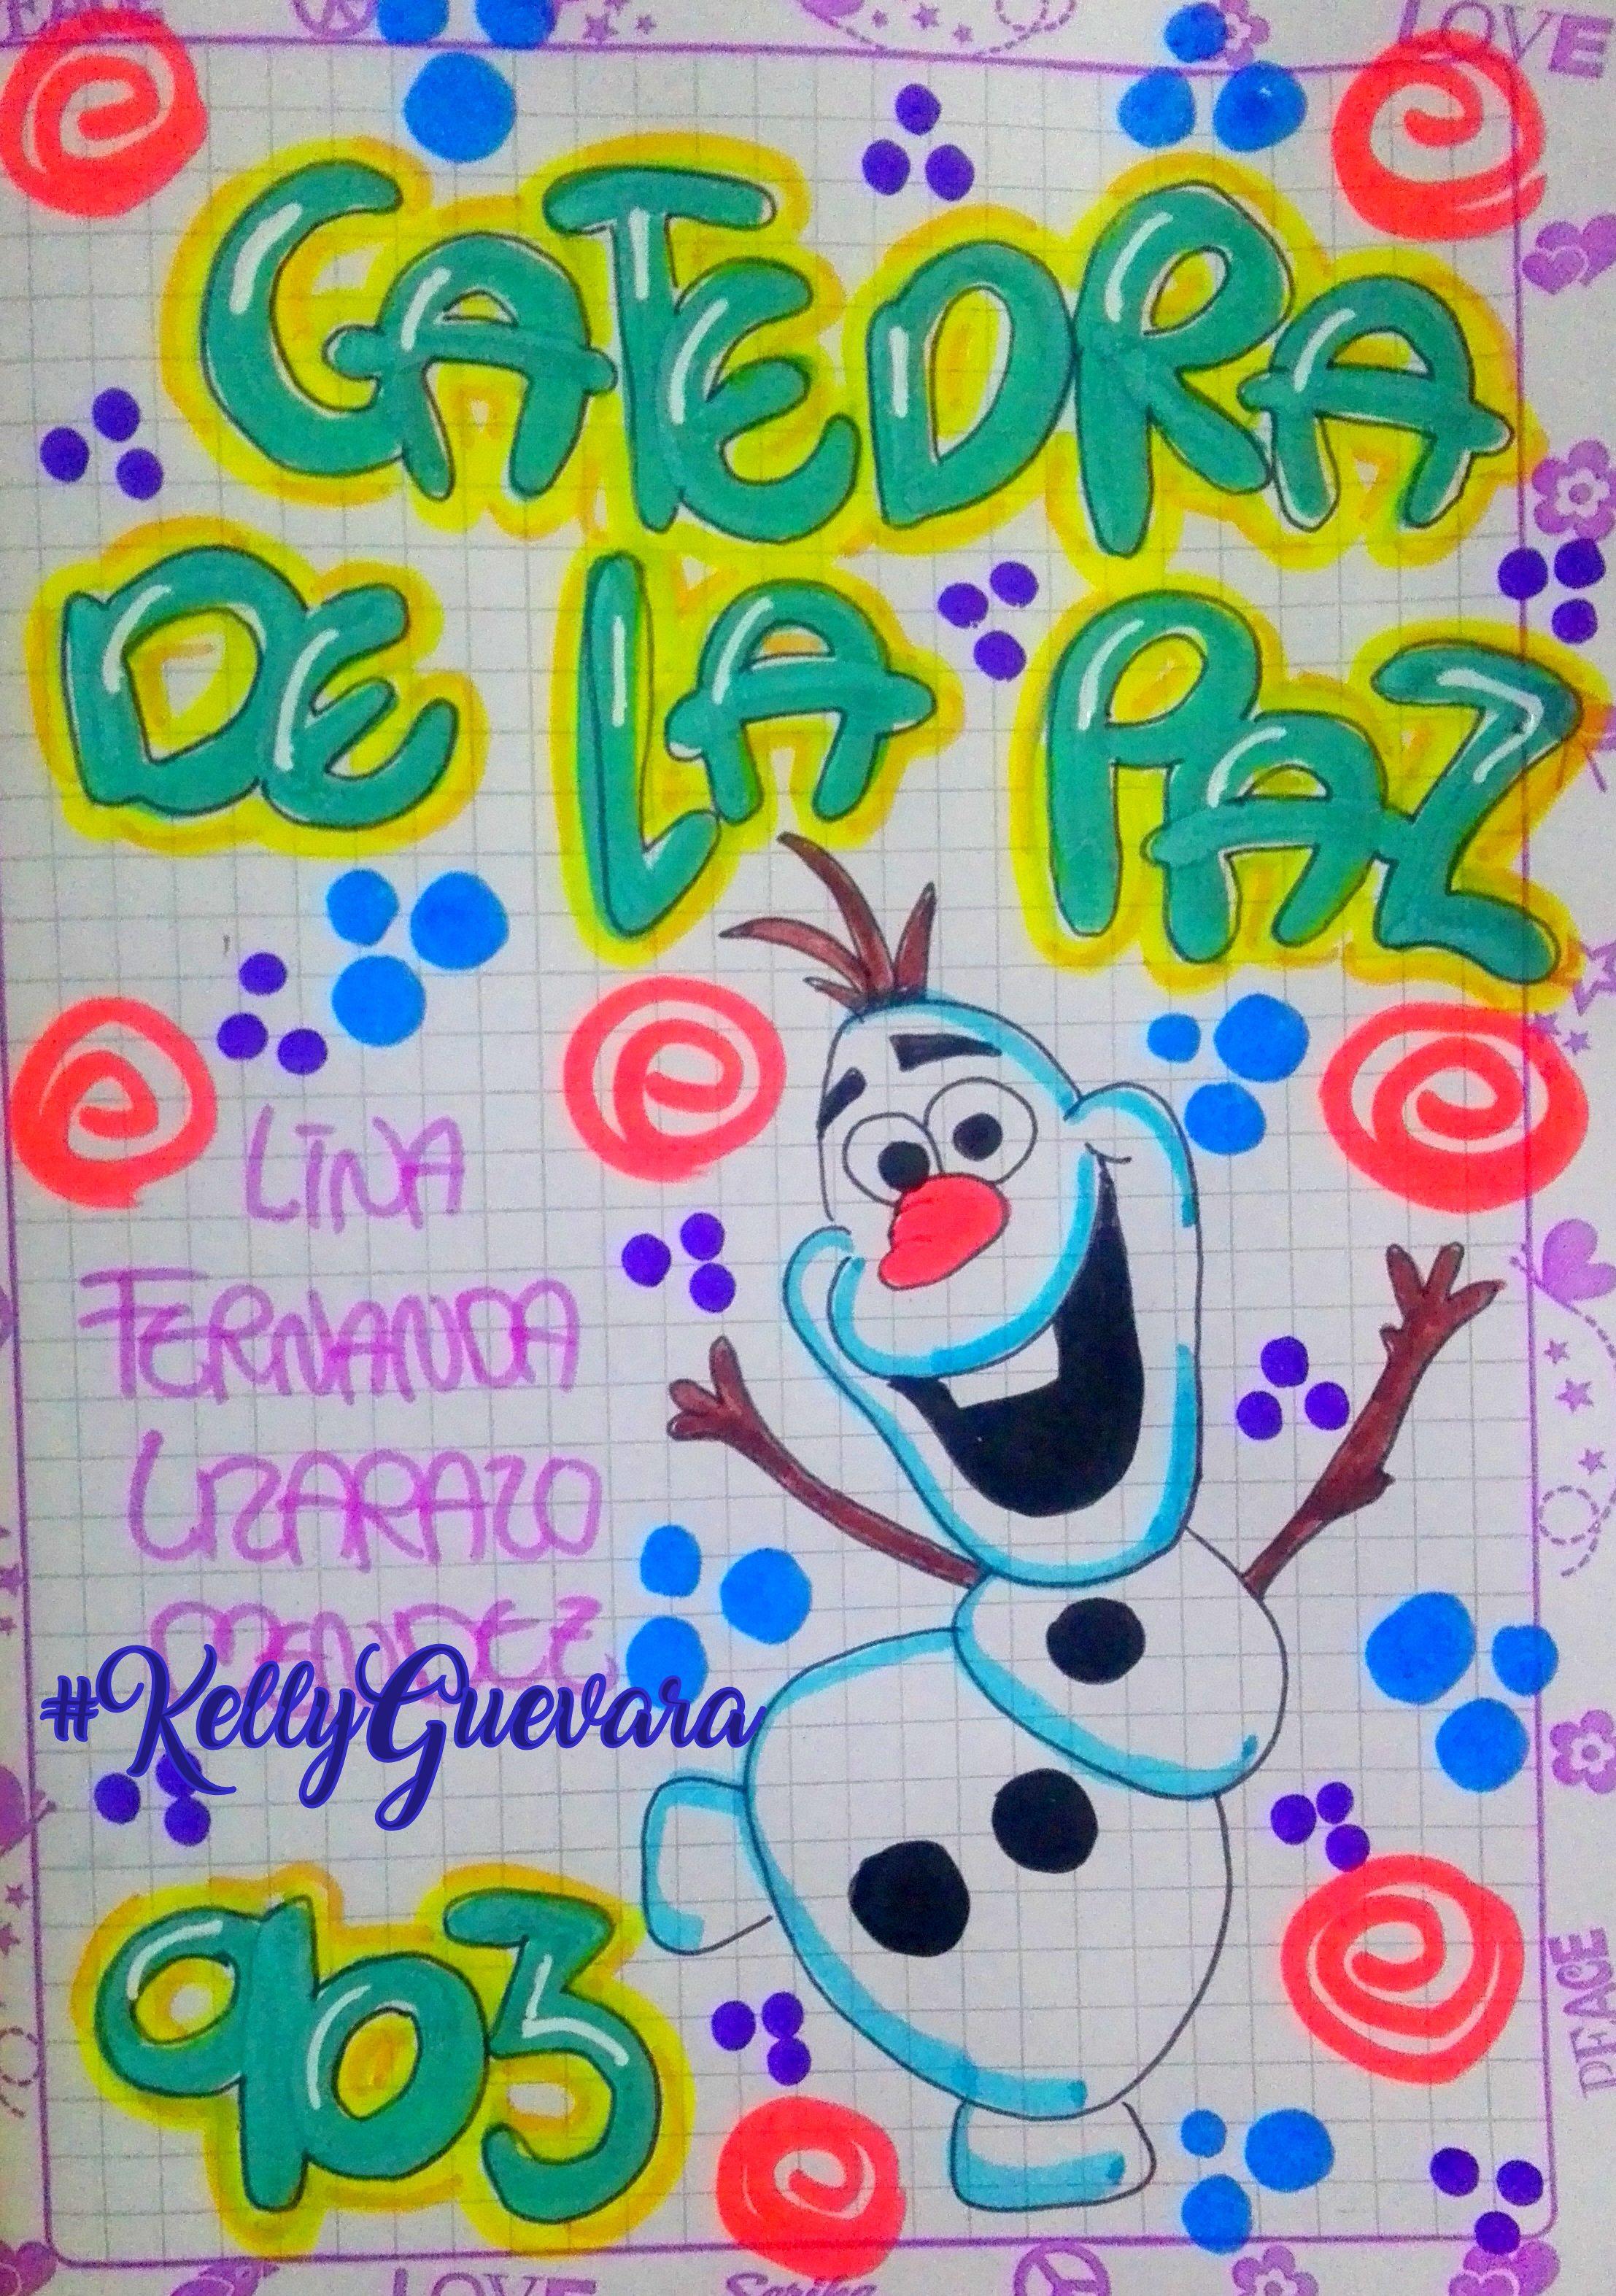 Kellyguevara Cuadernos Marcacion De Cuadernos Cuadernos De